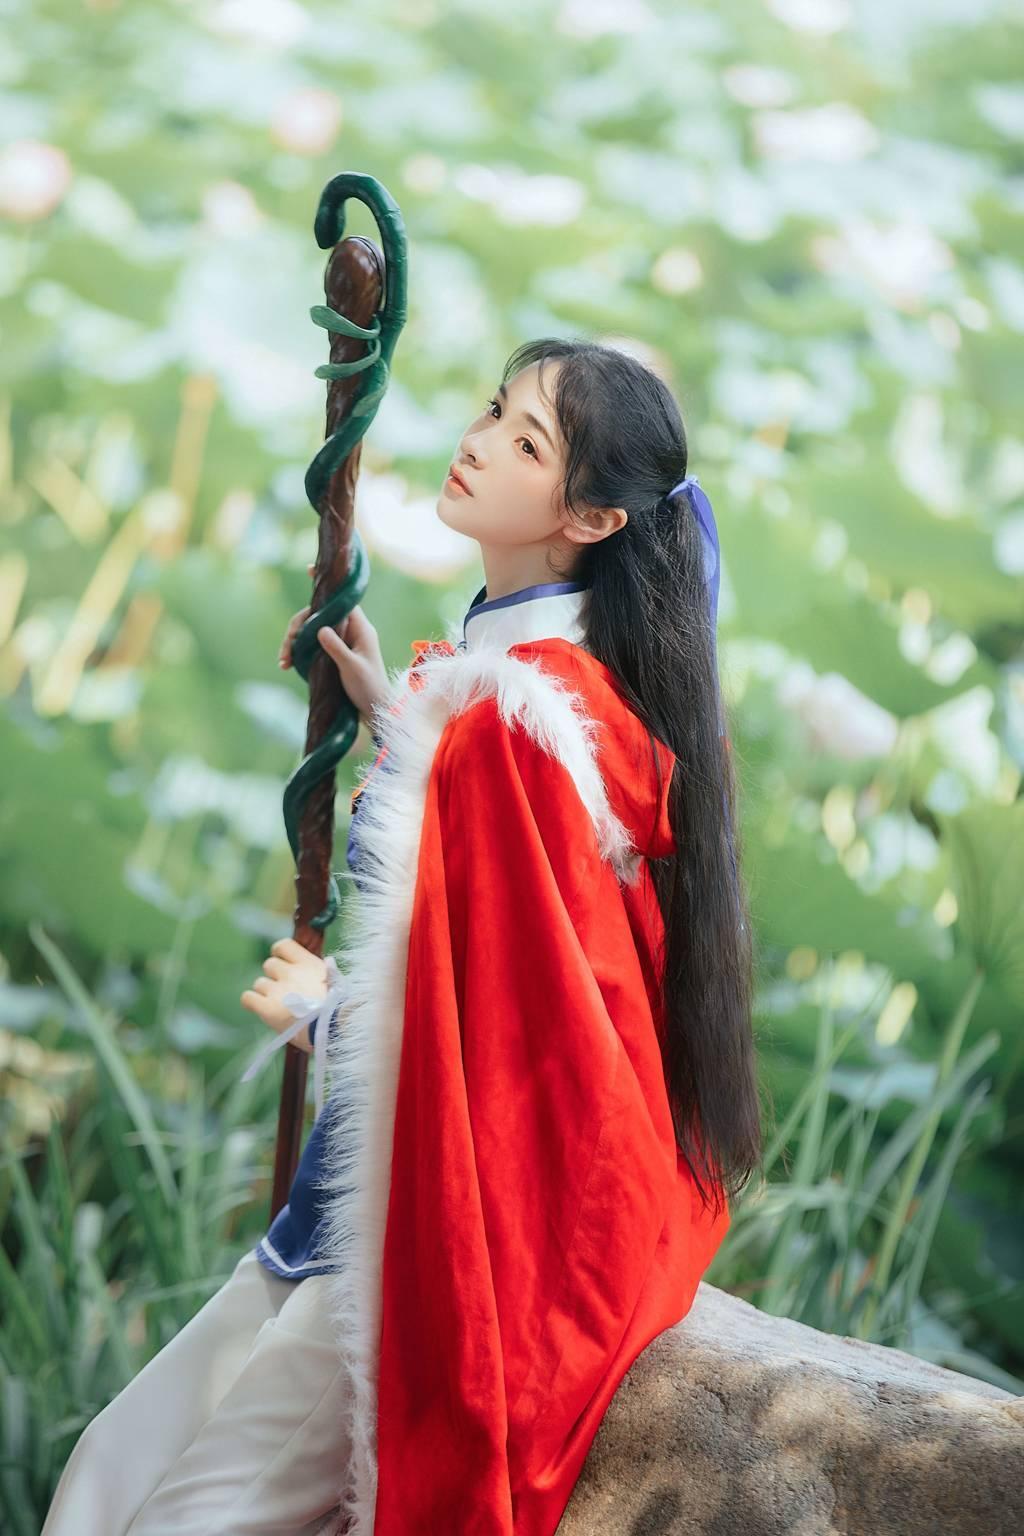 外景cosplay【CN:水晶雪梨汁_雪梨】-第4张